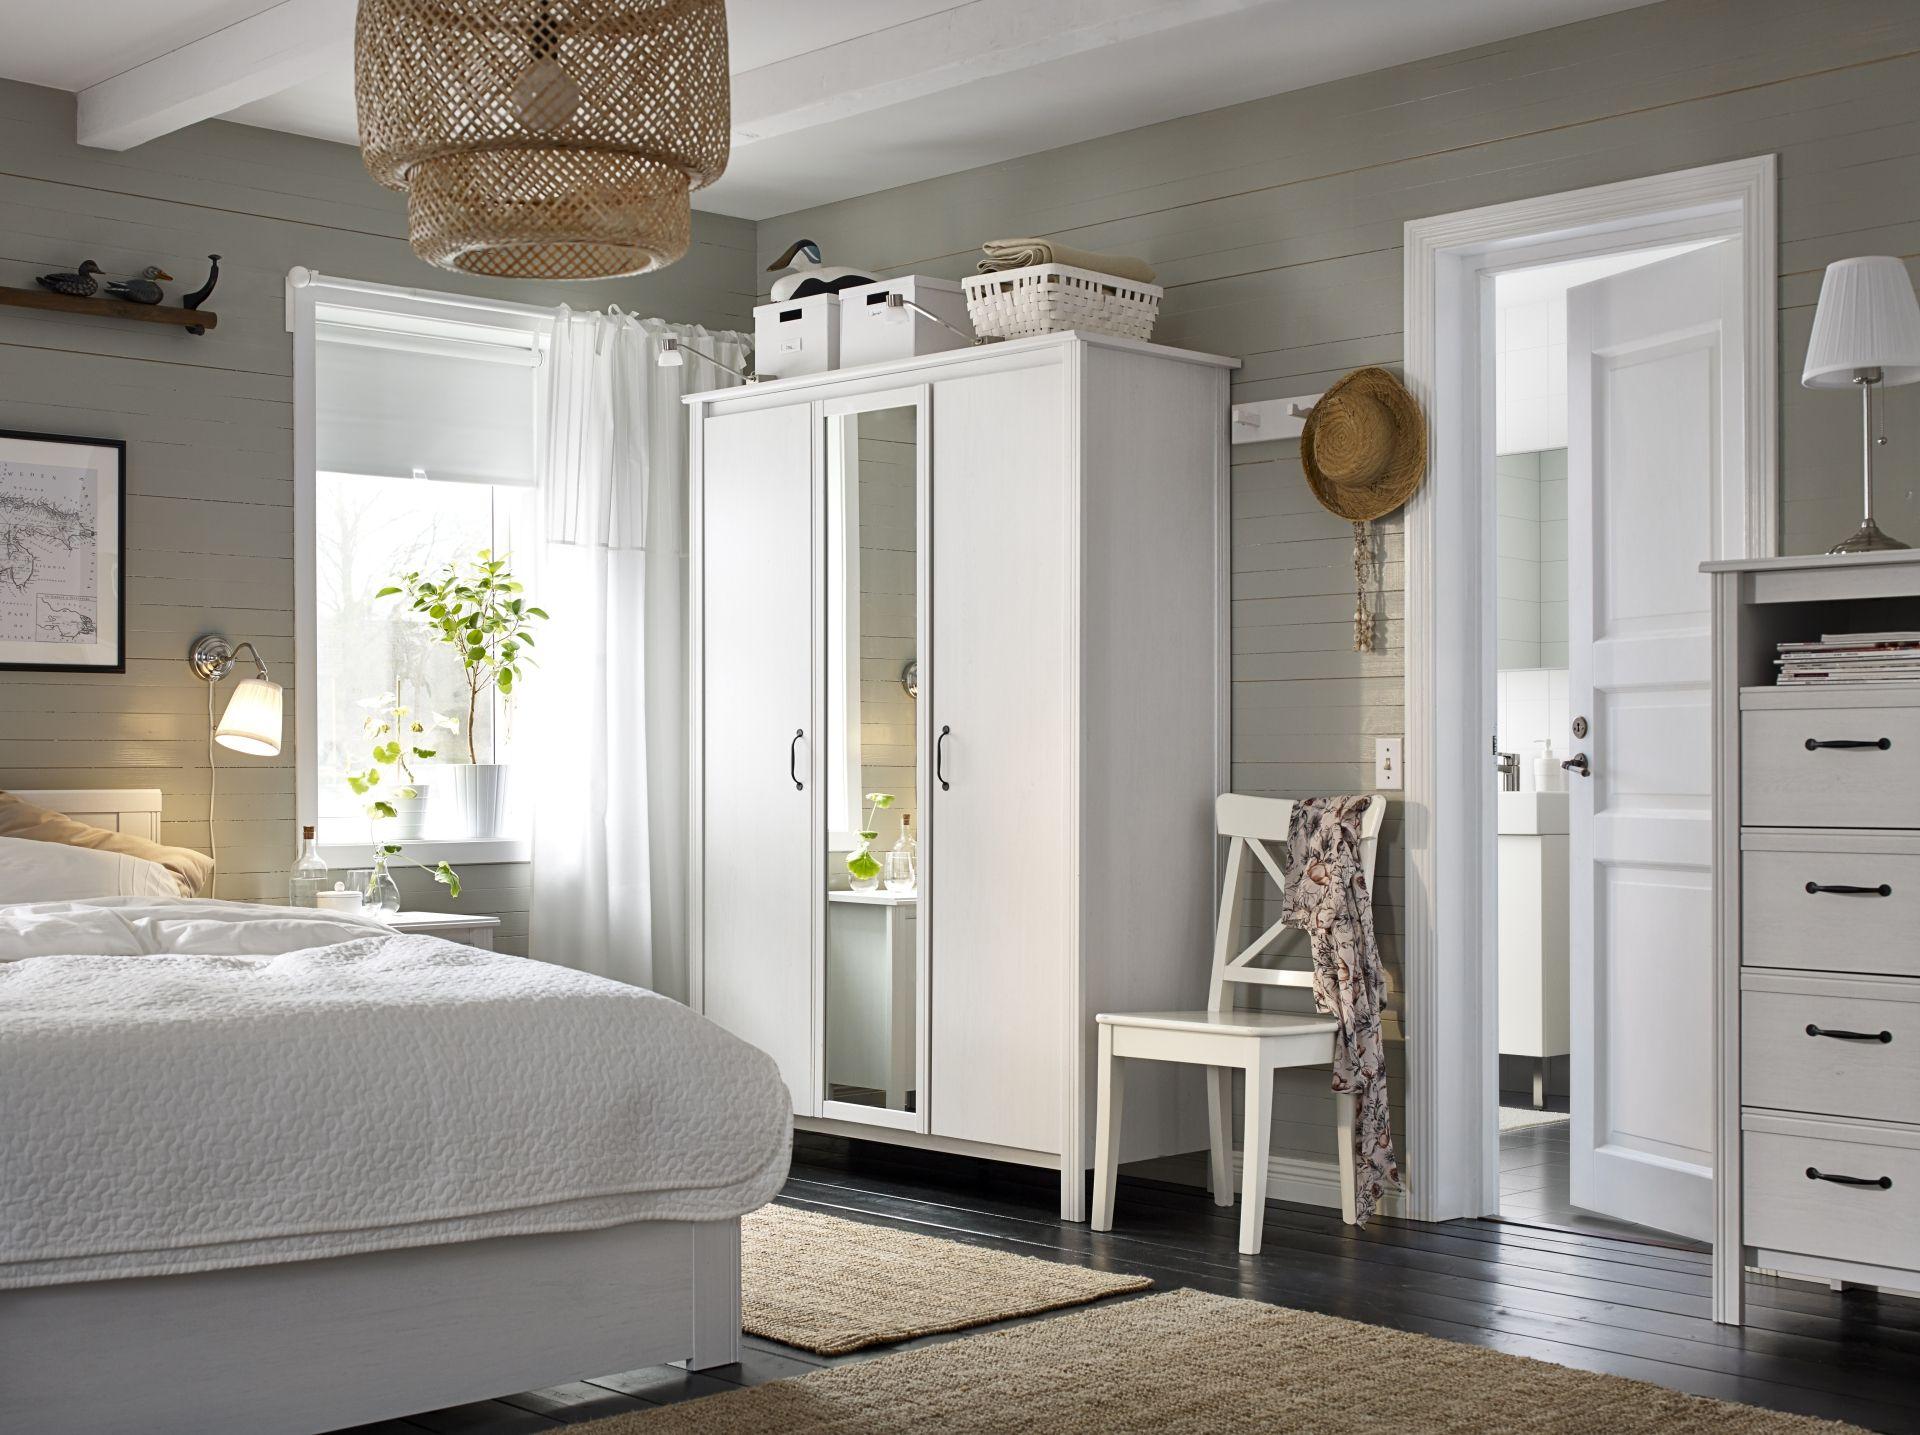 3 master bedroom apartments  Roupeiro no destaque da organização arrumação decoração